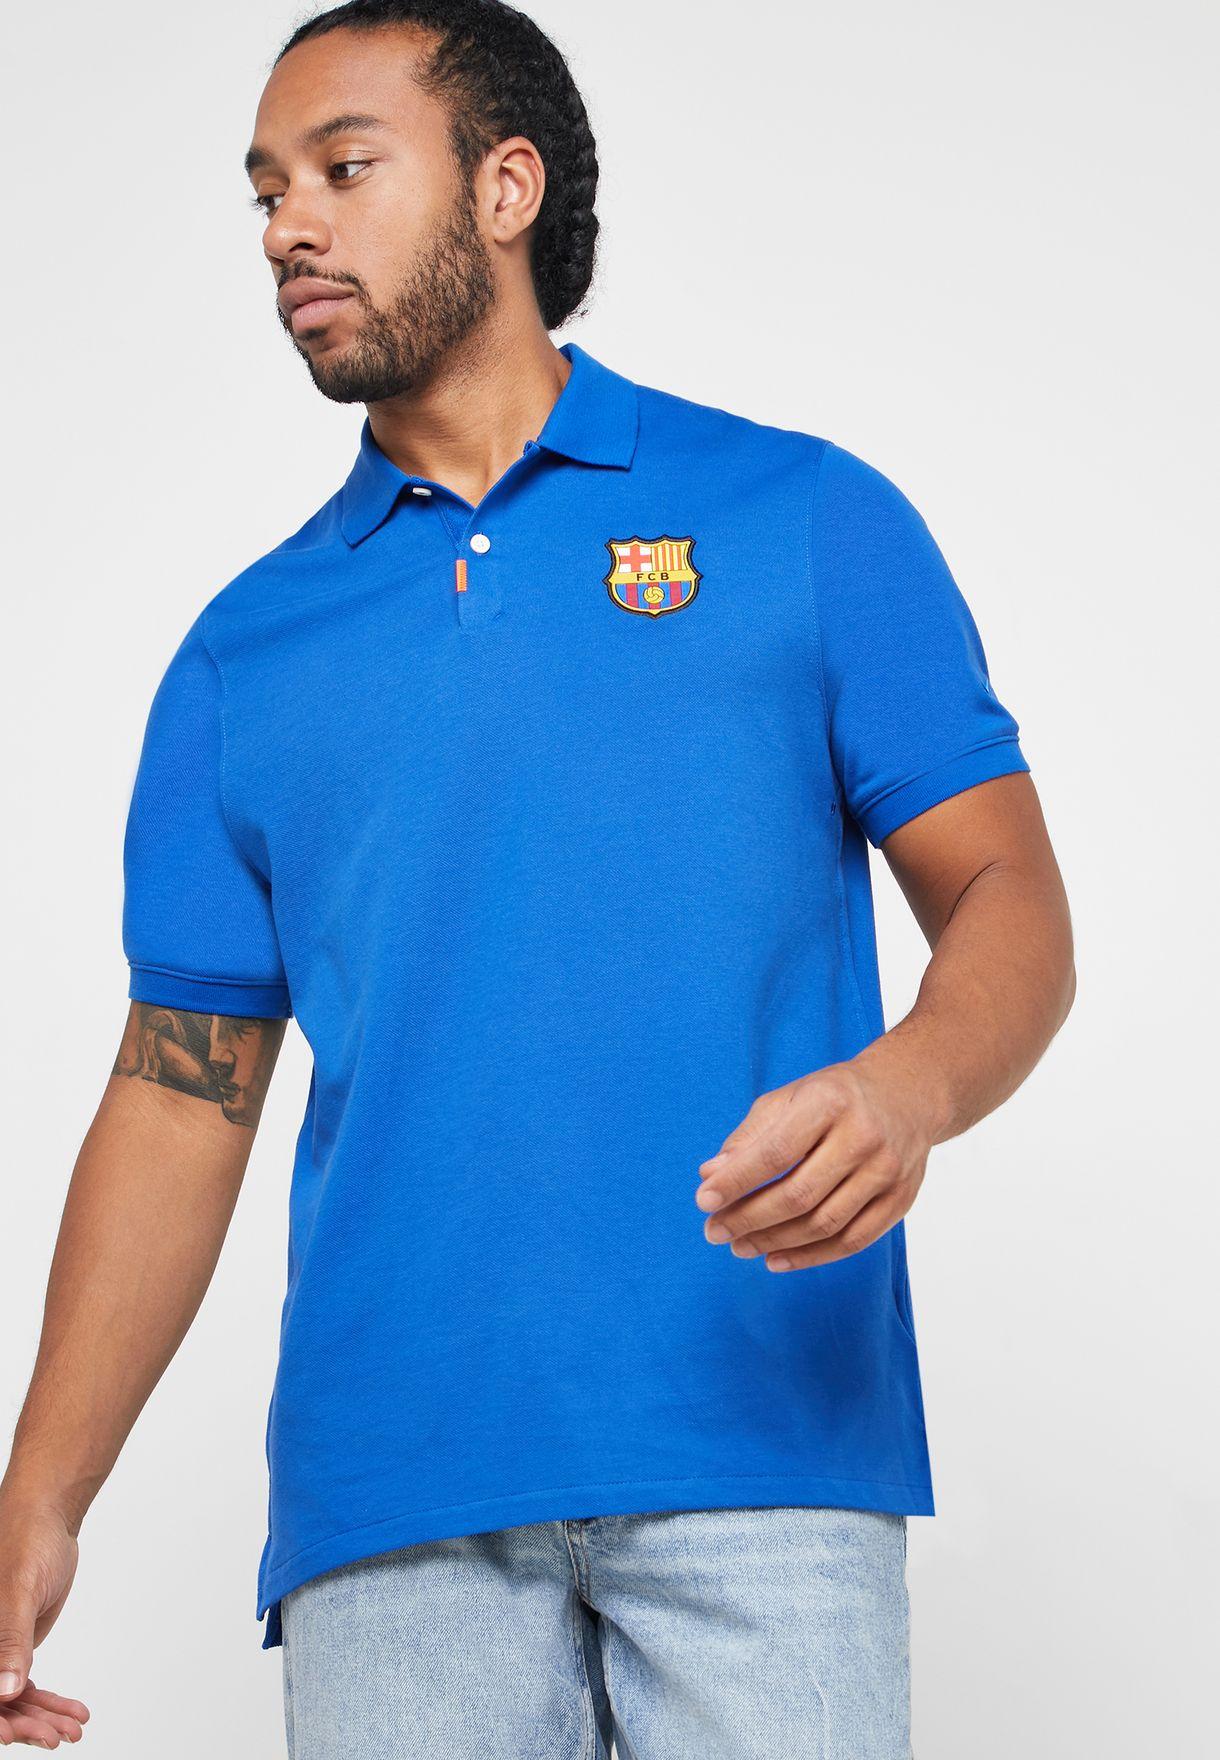 بولو بشعار برشلونة لكرة القدم